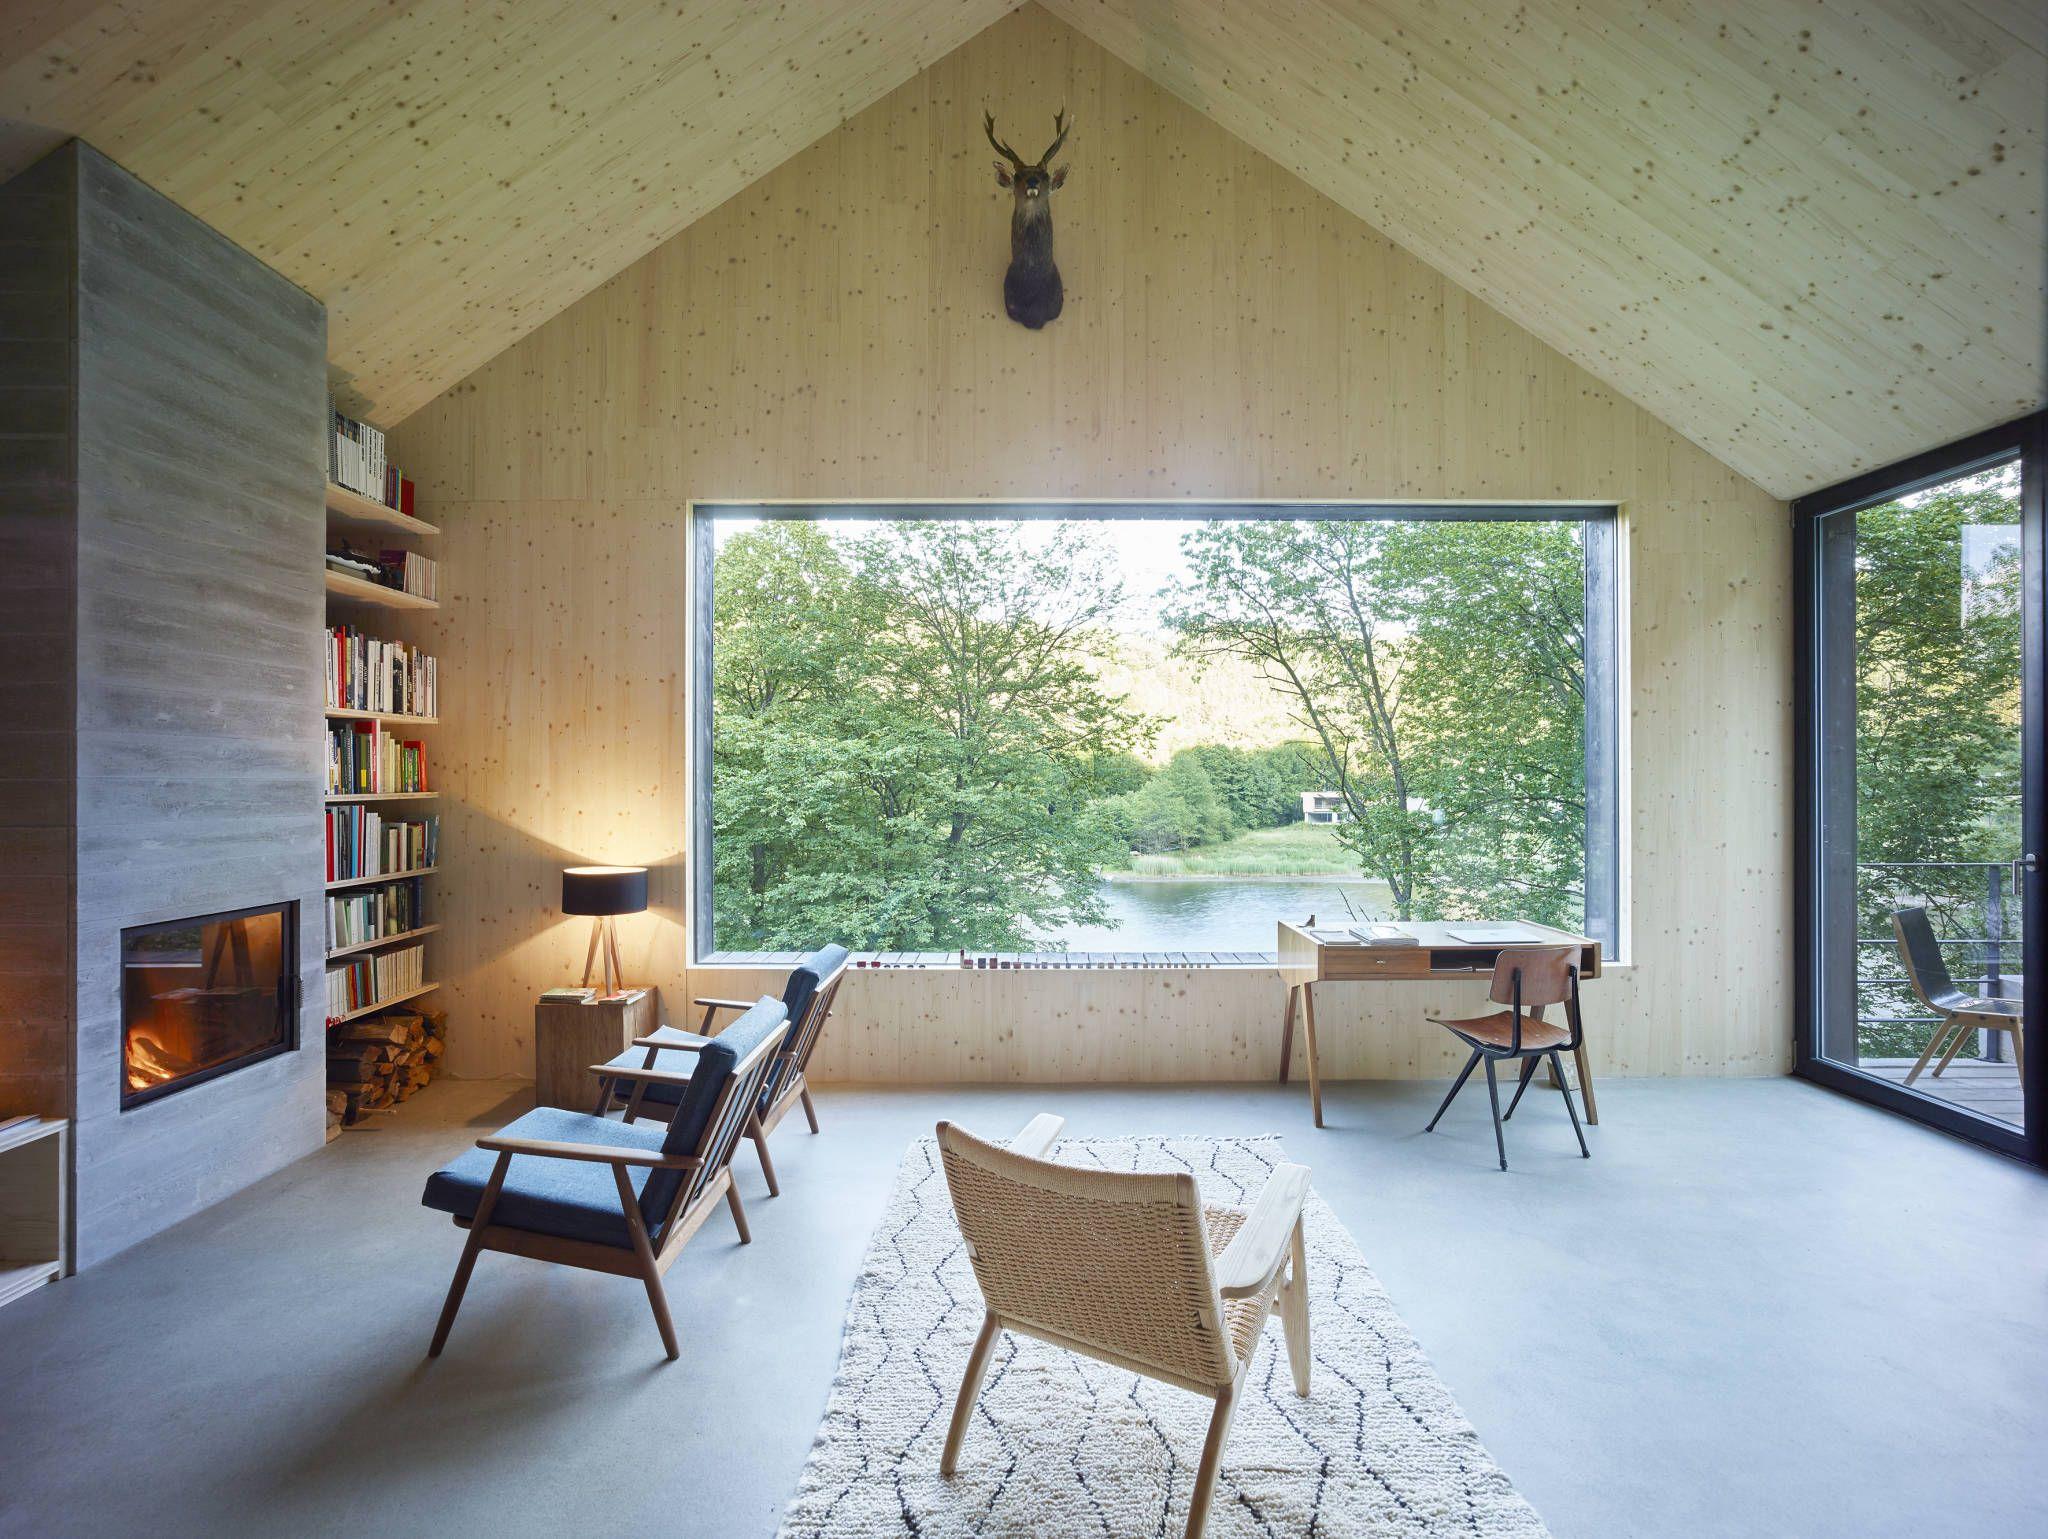 Innendesign Wohnzimmer ~ Wohnideen interior design einrichtungsideen & bilder